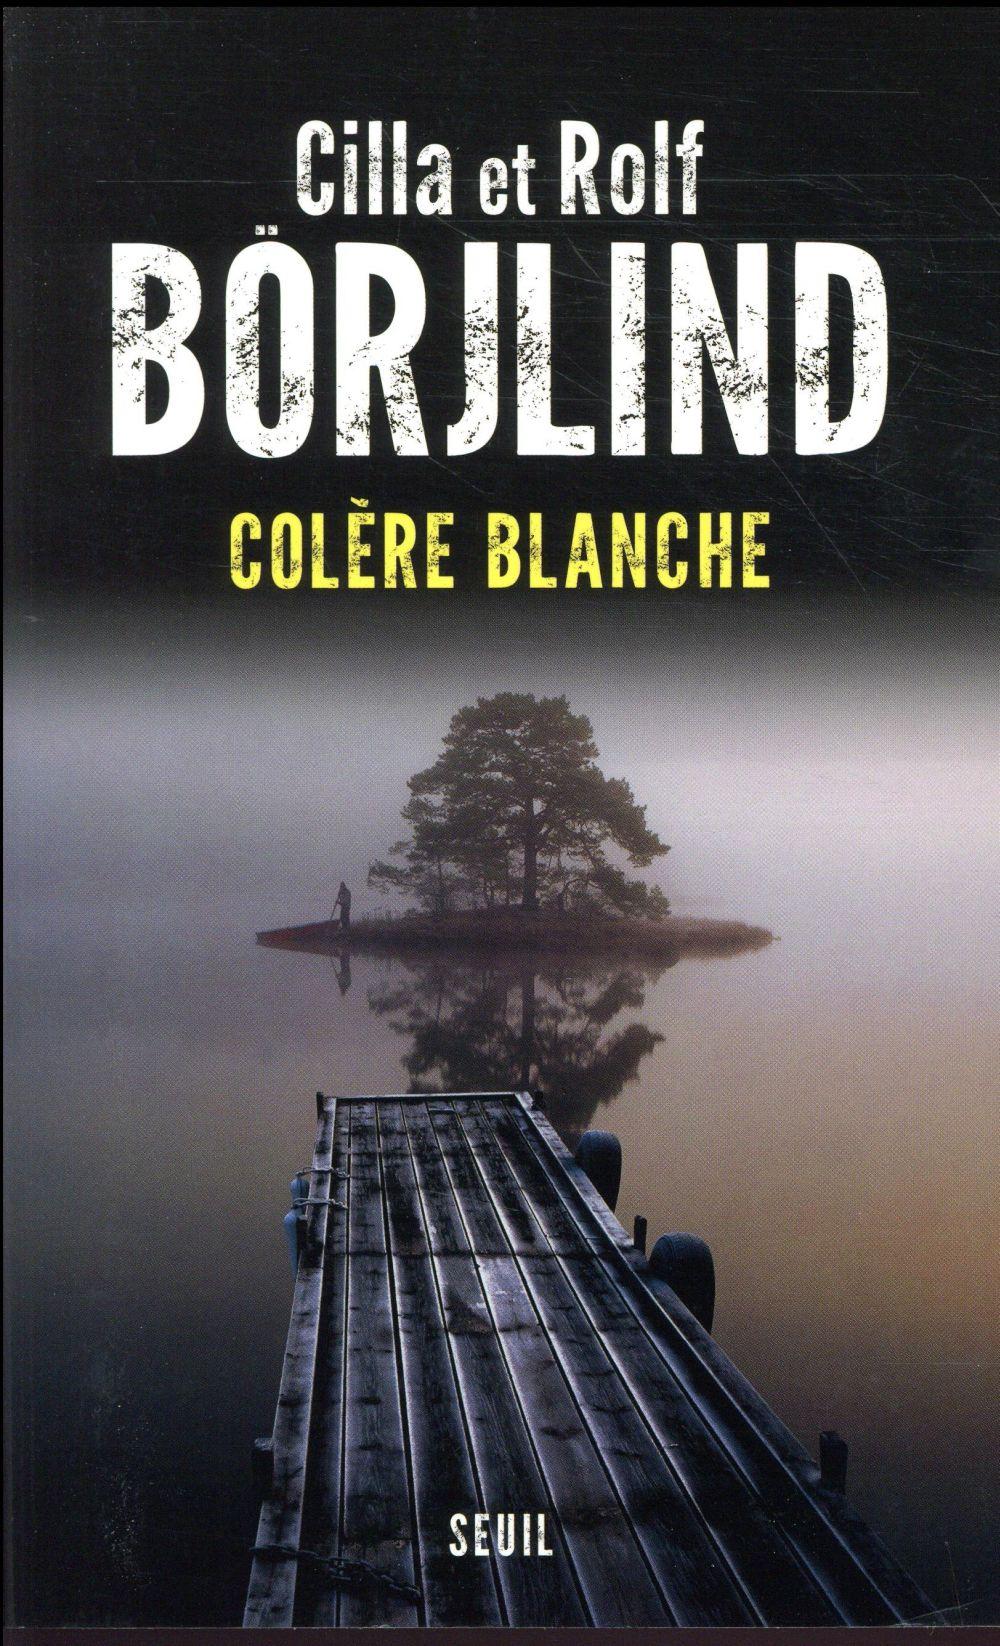 COLERE BLANCHE